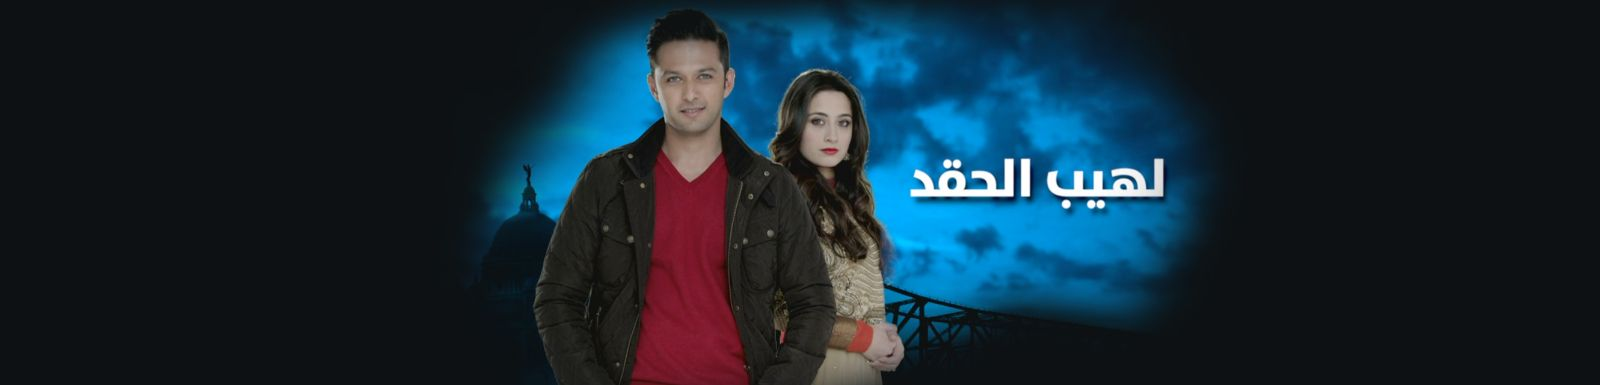 تحميل مسلسل لهيب الحقد الحلقة 96 MBC shahid شاهد نت